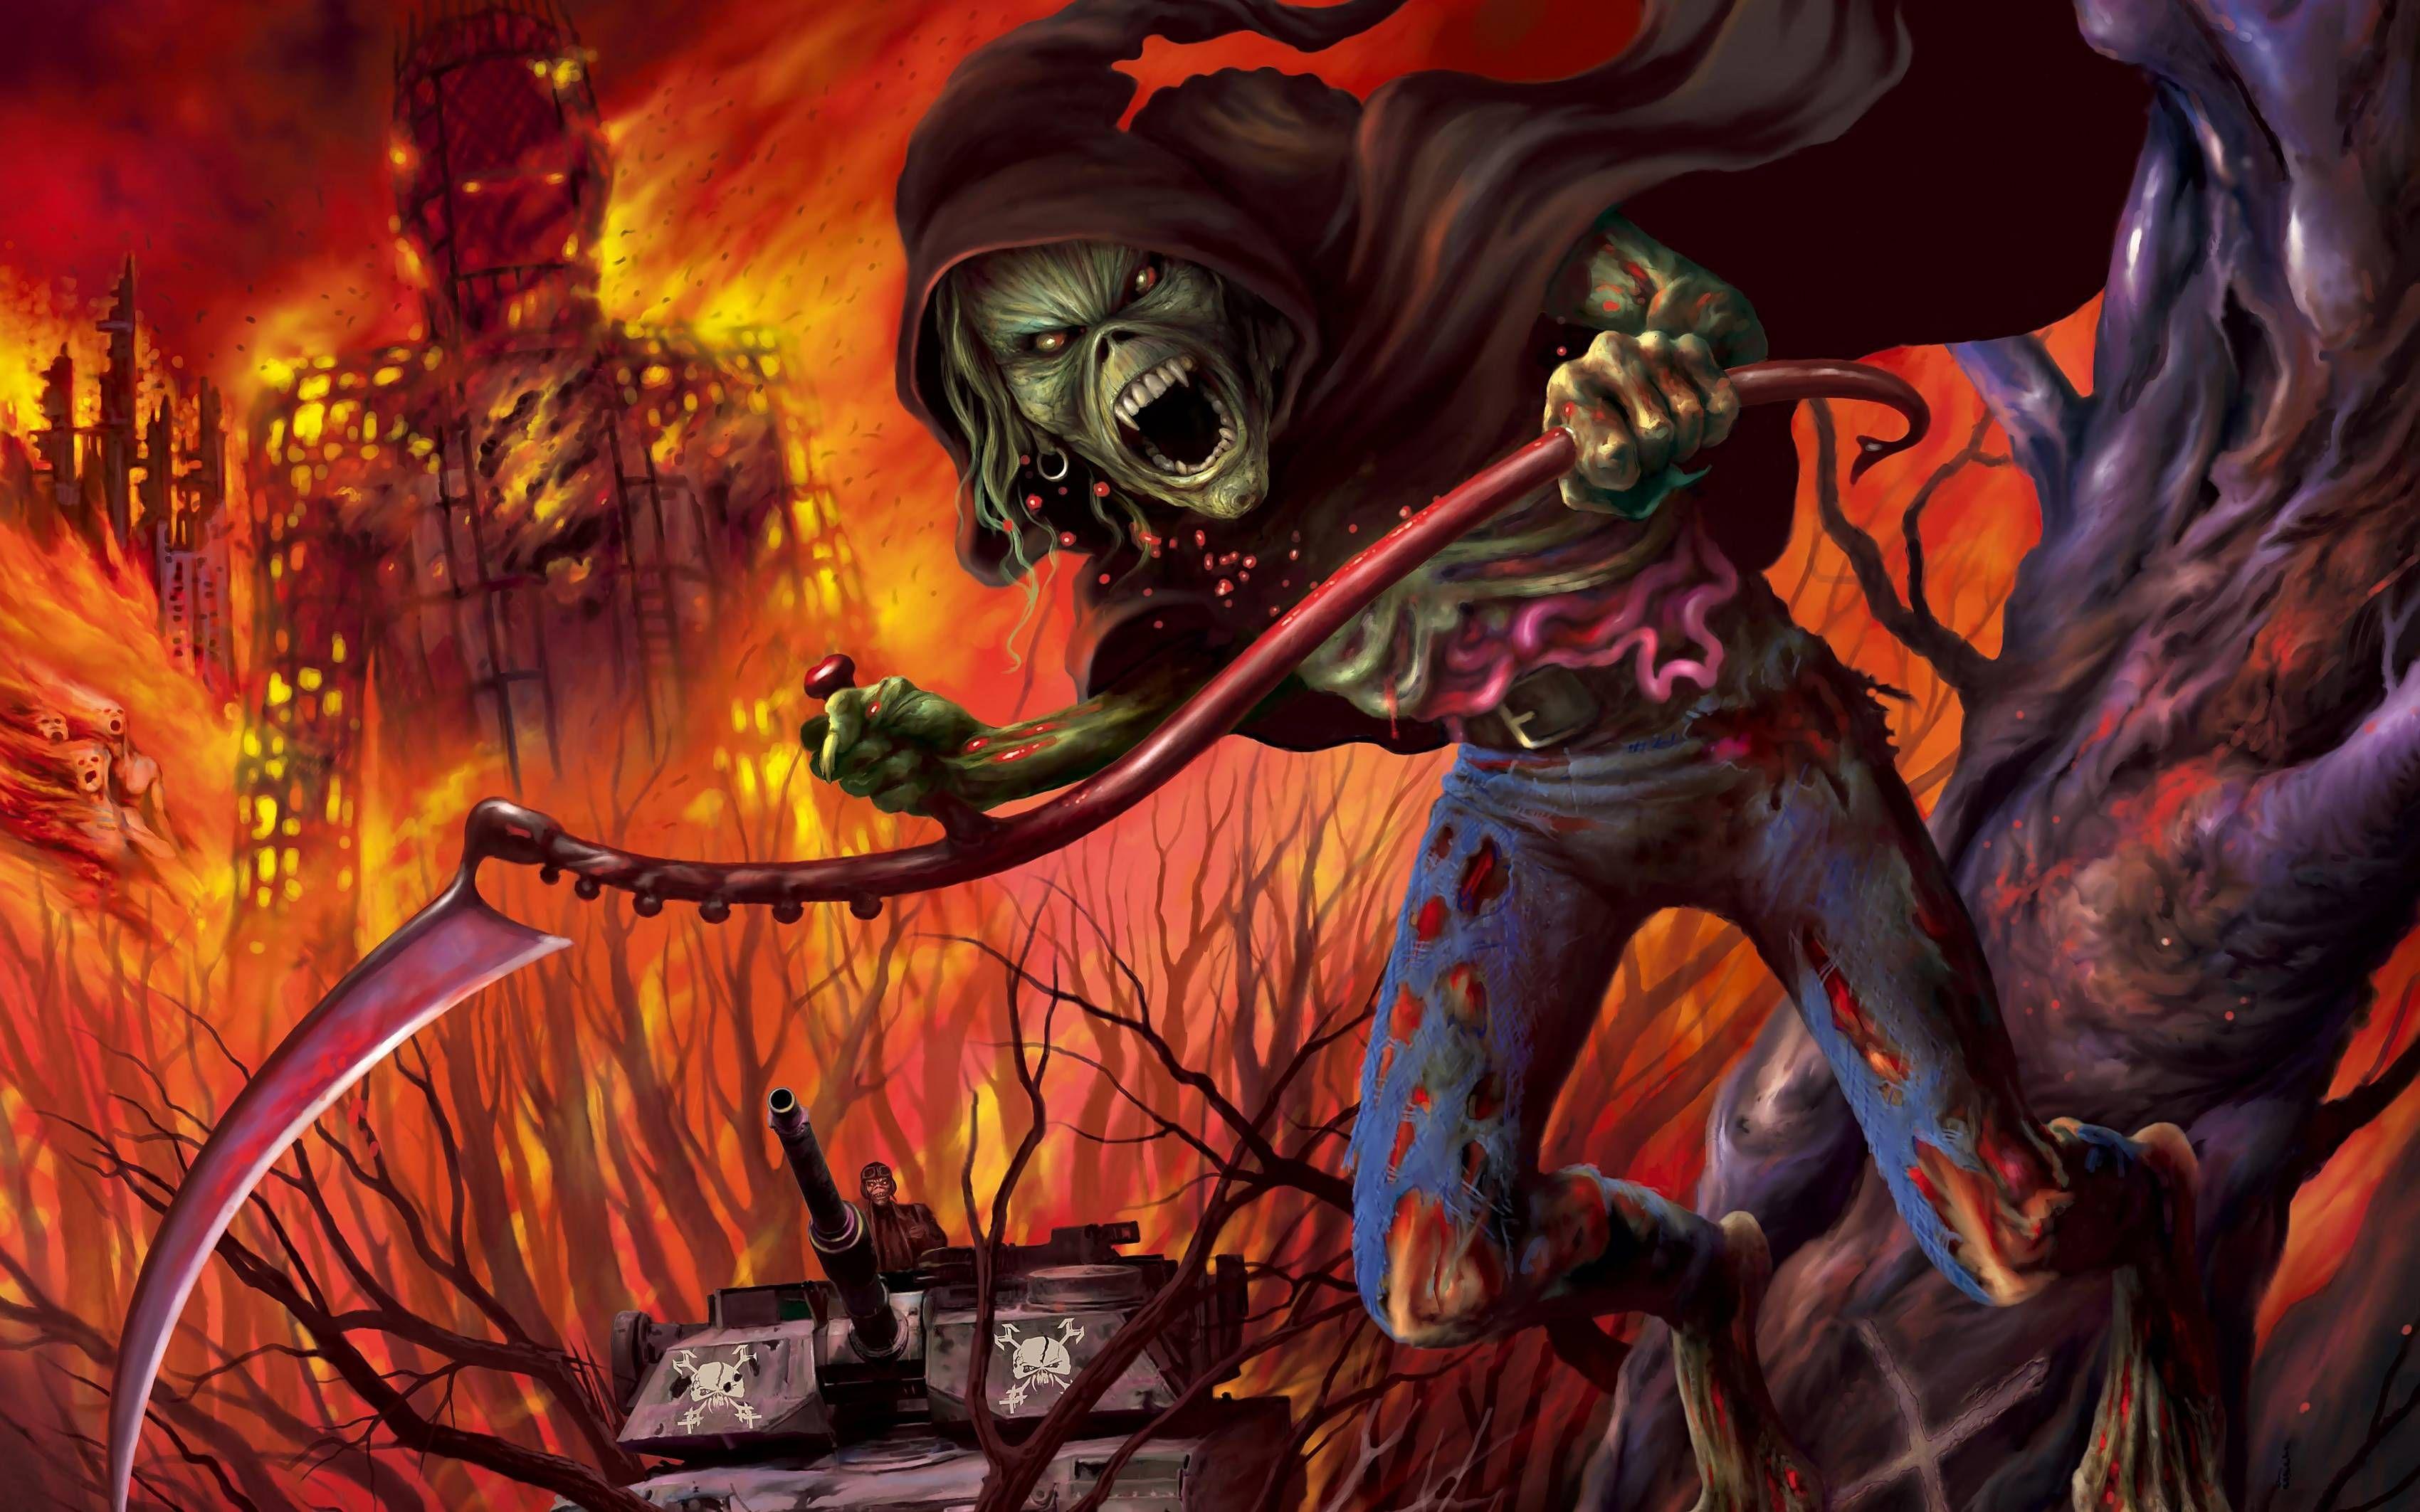 Iron Maiden Number Of The Beast Wallpaper Desktop